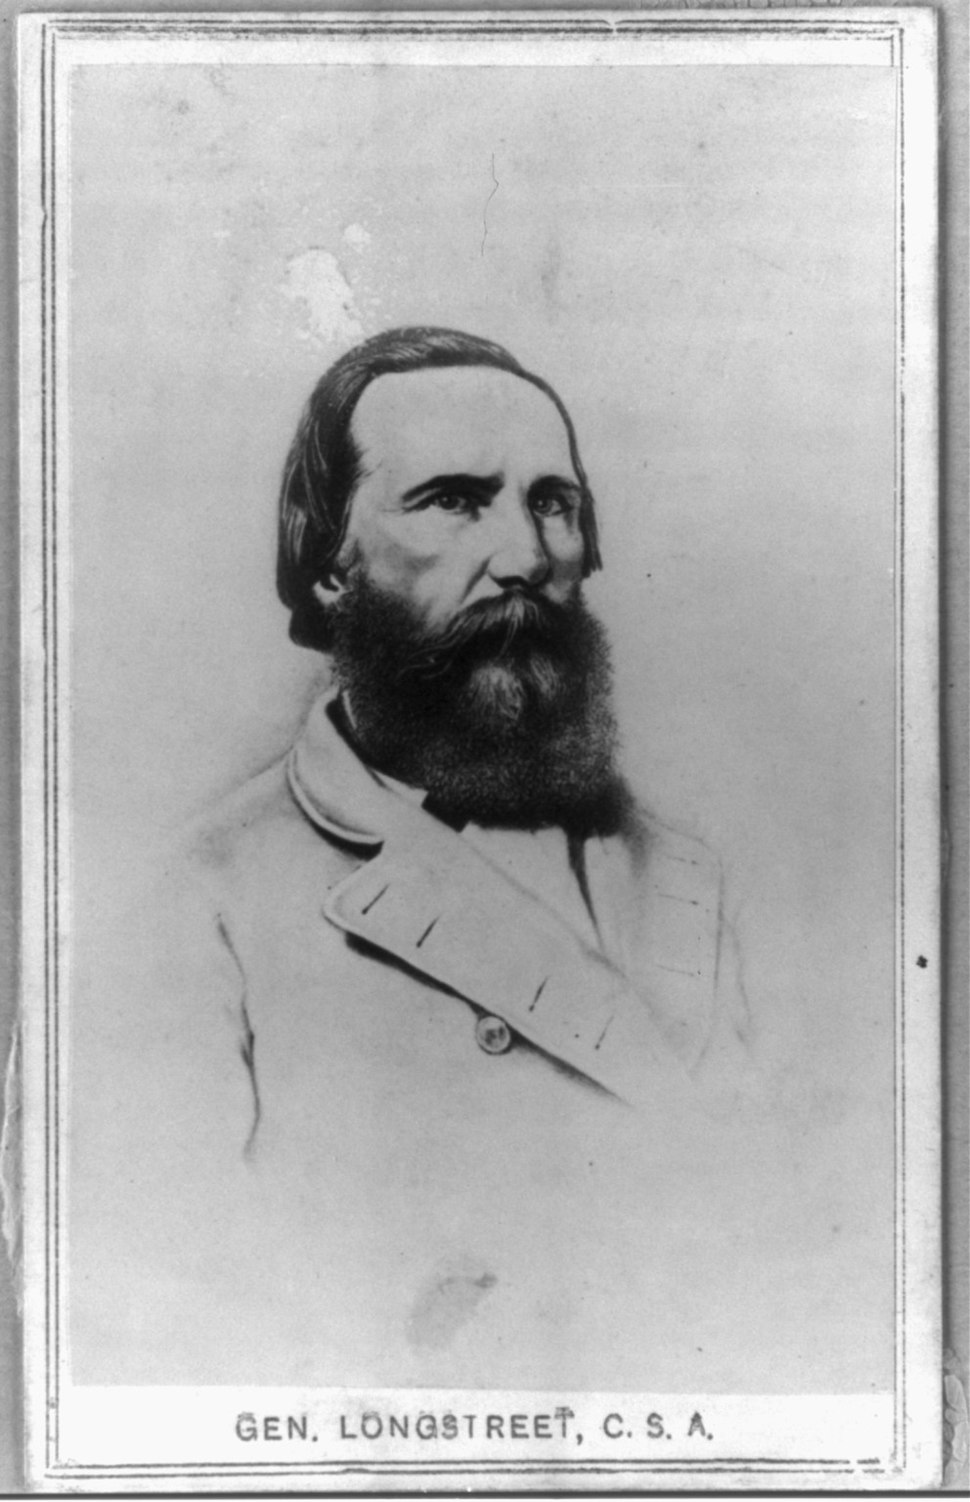 Gen. Longstreet, C.S.A. LCCN2004678555